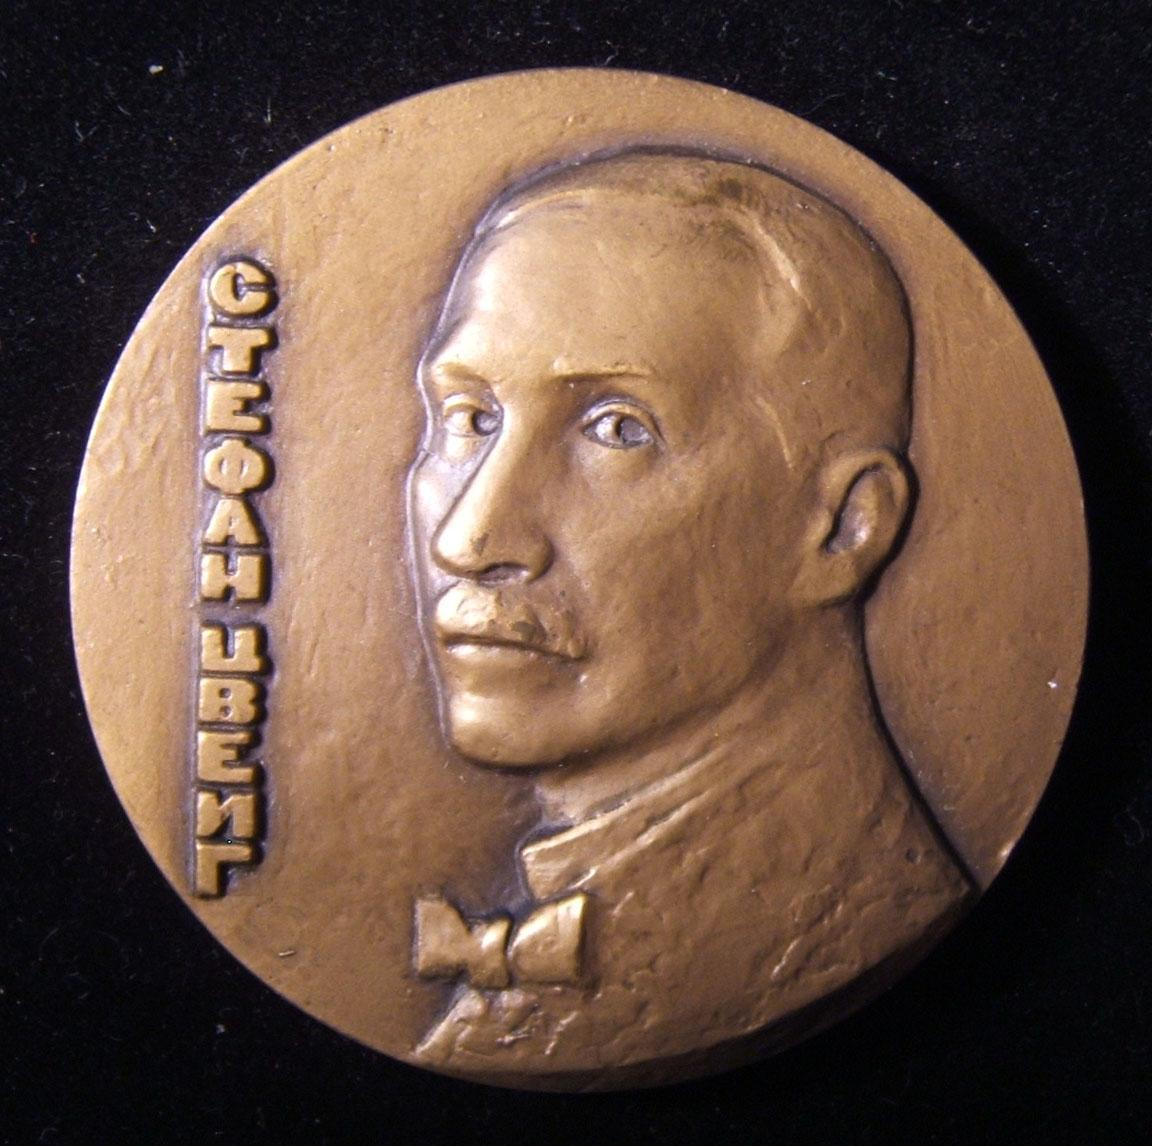 רוסי סובייטי סטפן צווייג מדליית יודאיקה מאת יוסף איבנוביץ 'קוזלובסקי, 1981